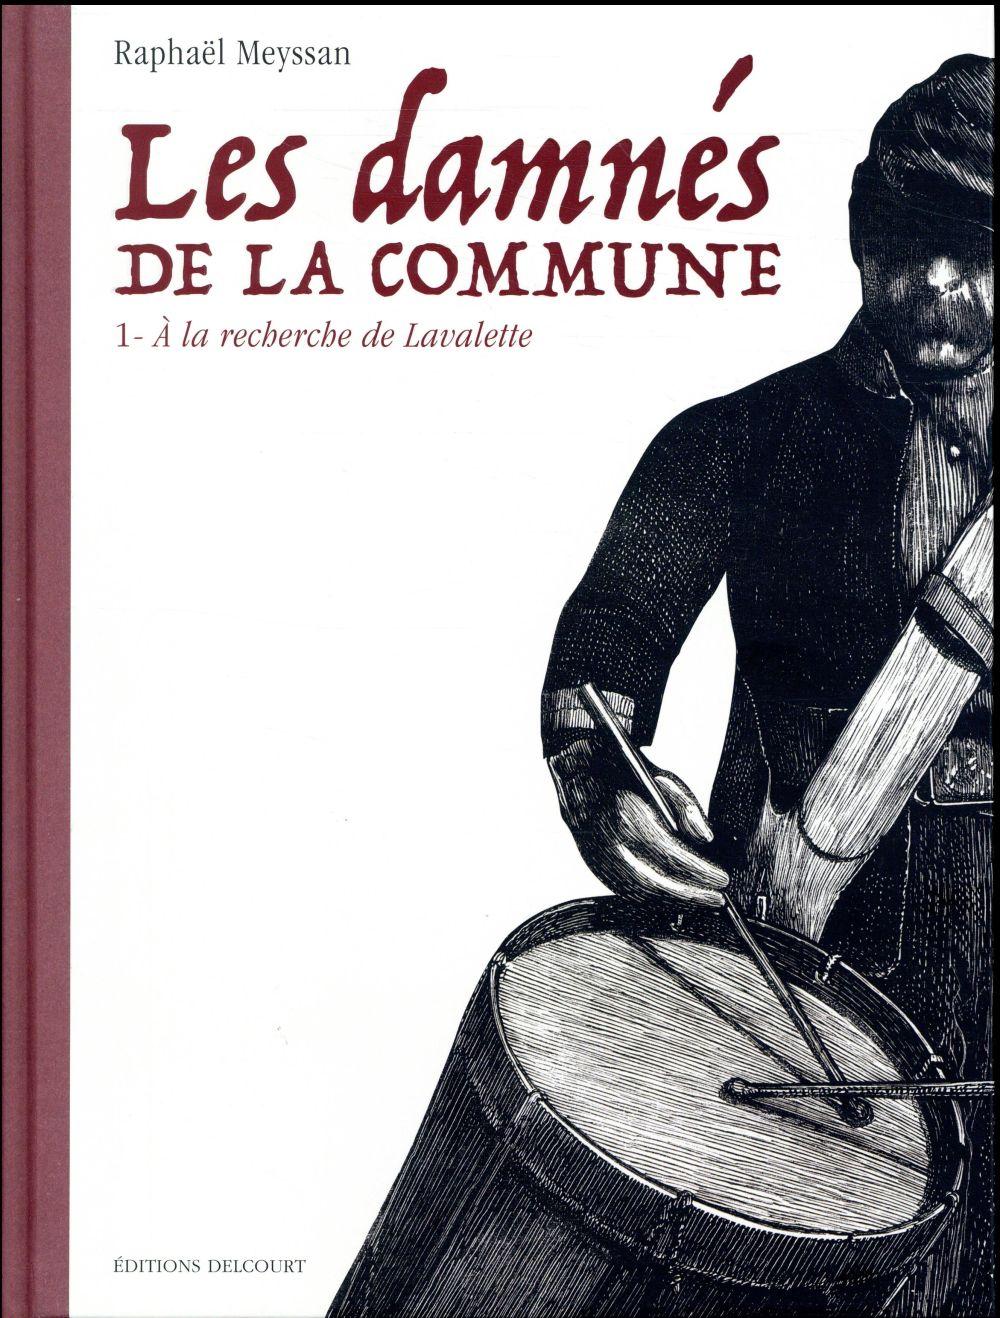 LES DAMNES DE LA COMMUNE 01 Meyssan Raphaël Delcourt